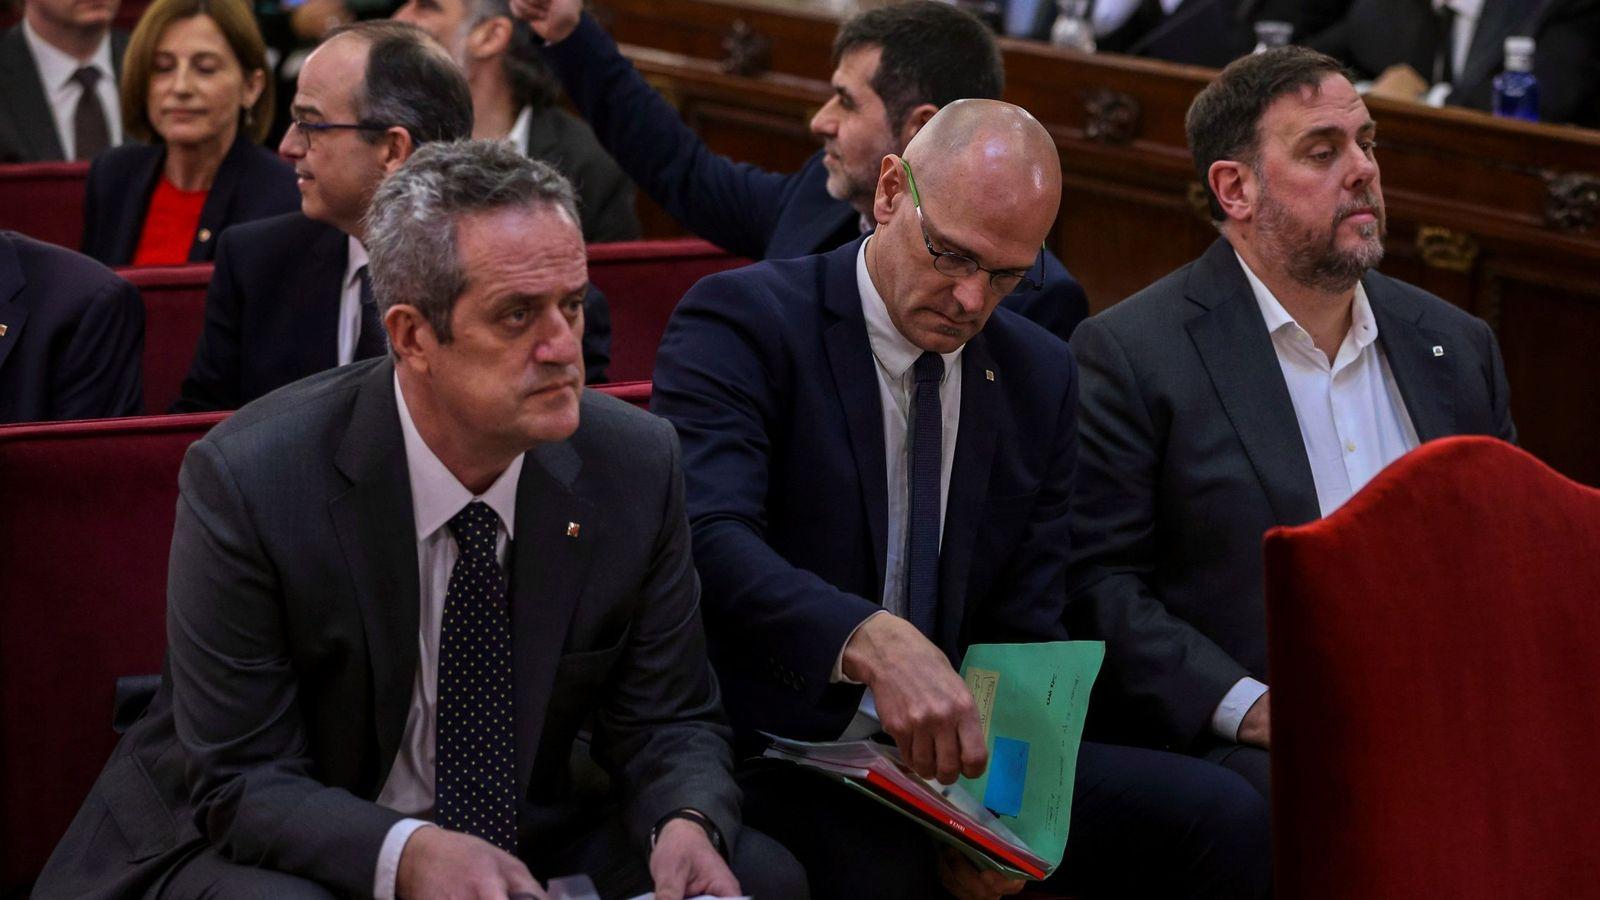 Foto: Los líderes independentistas, el exvicepresidente de la Generalitat Oriol Junqueras (d); el exconsejero de Asuntos Exteriores Raül Romeva (c) y el exconsejero de Interior Joaquim Forn (i). (EFE)